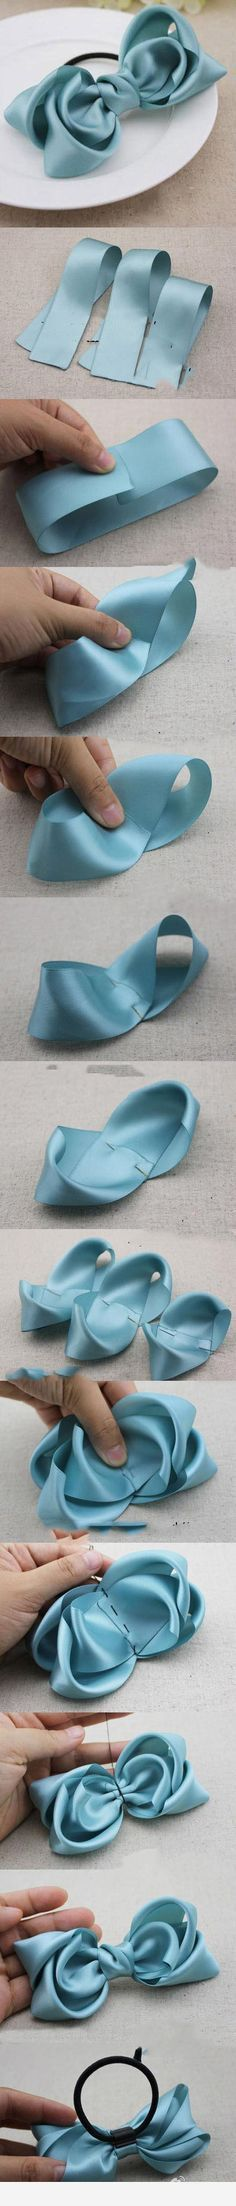 Tutoriales de pulseras que podemos hacer en casa